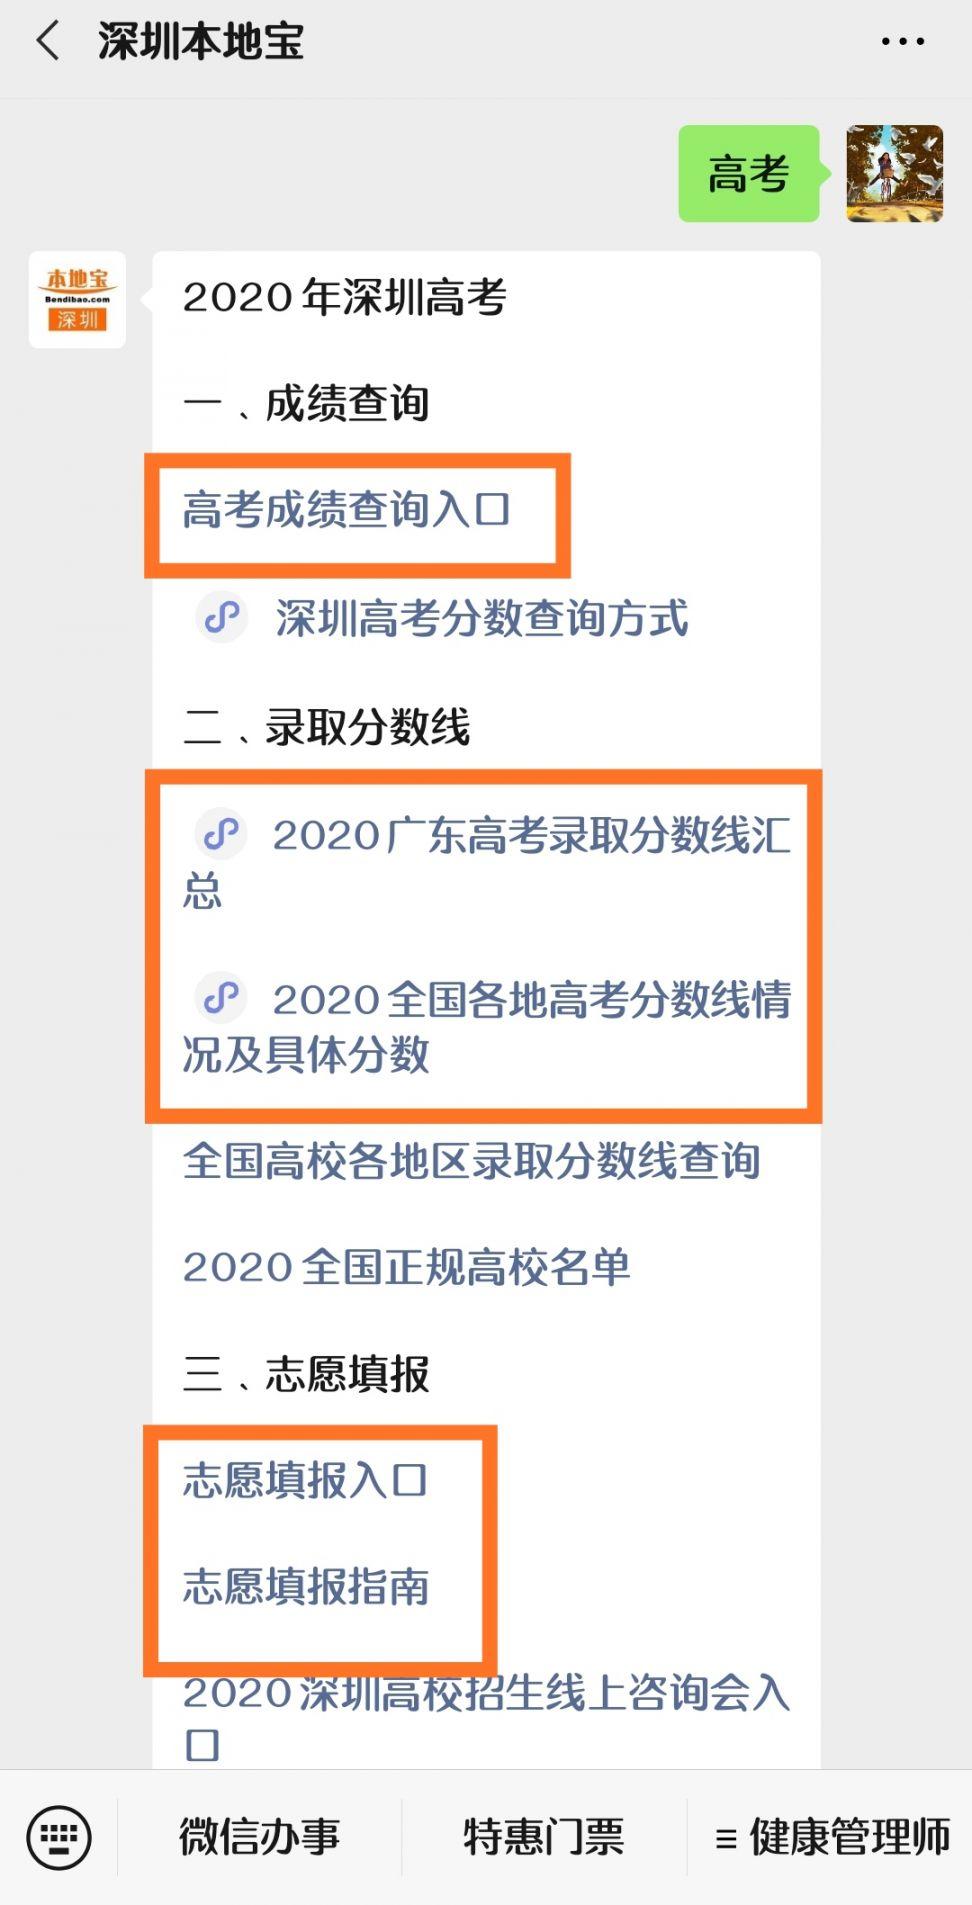 2020年深圳高考志愿填报流程一览